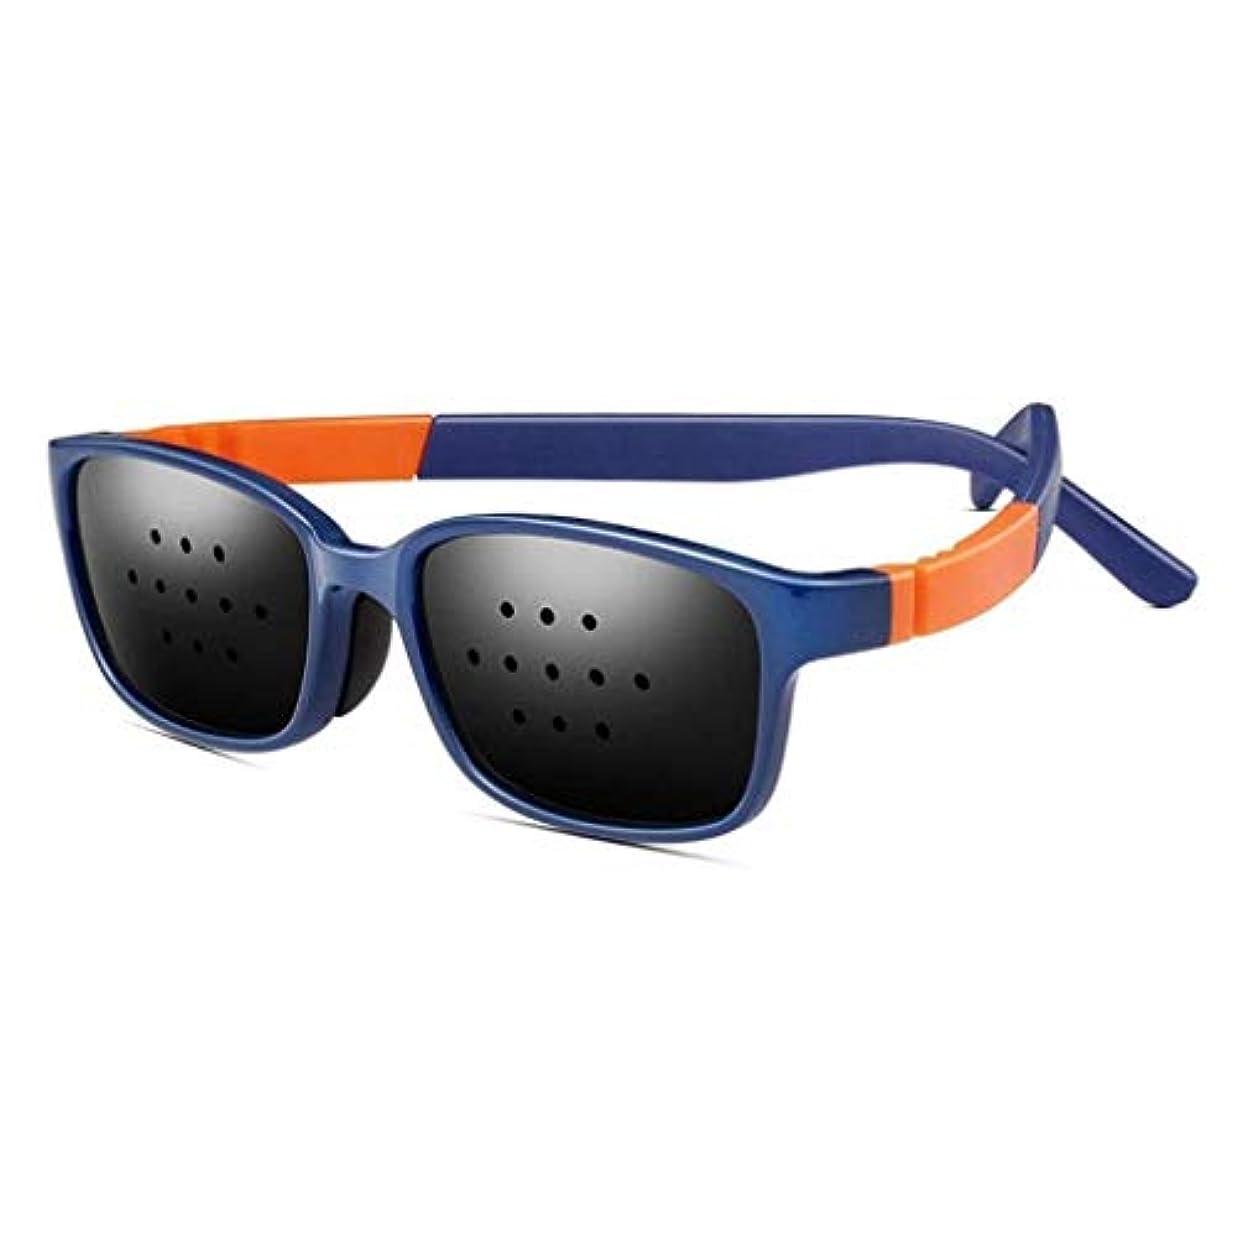 結婚した凝視成果ピンホールメガネ、視力矯正メガネ網状視力保護メガネ耐疲労性メガネ近視の防止メガネの改善 (Color : 青)